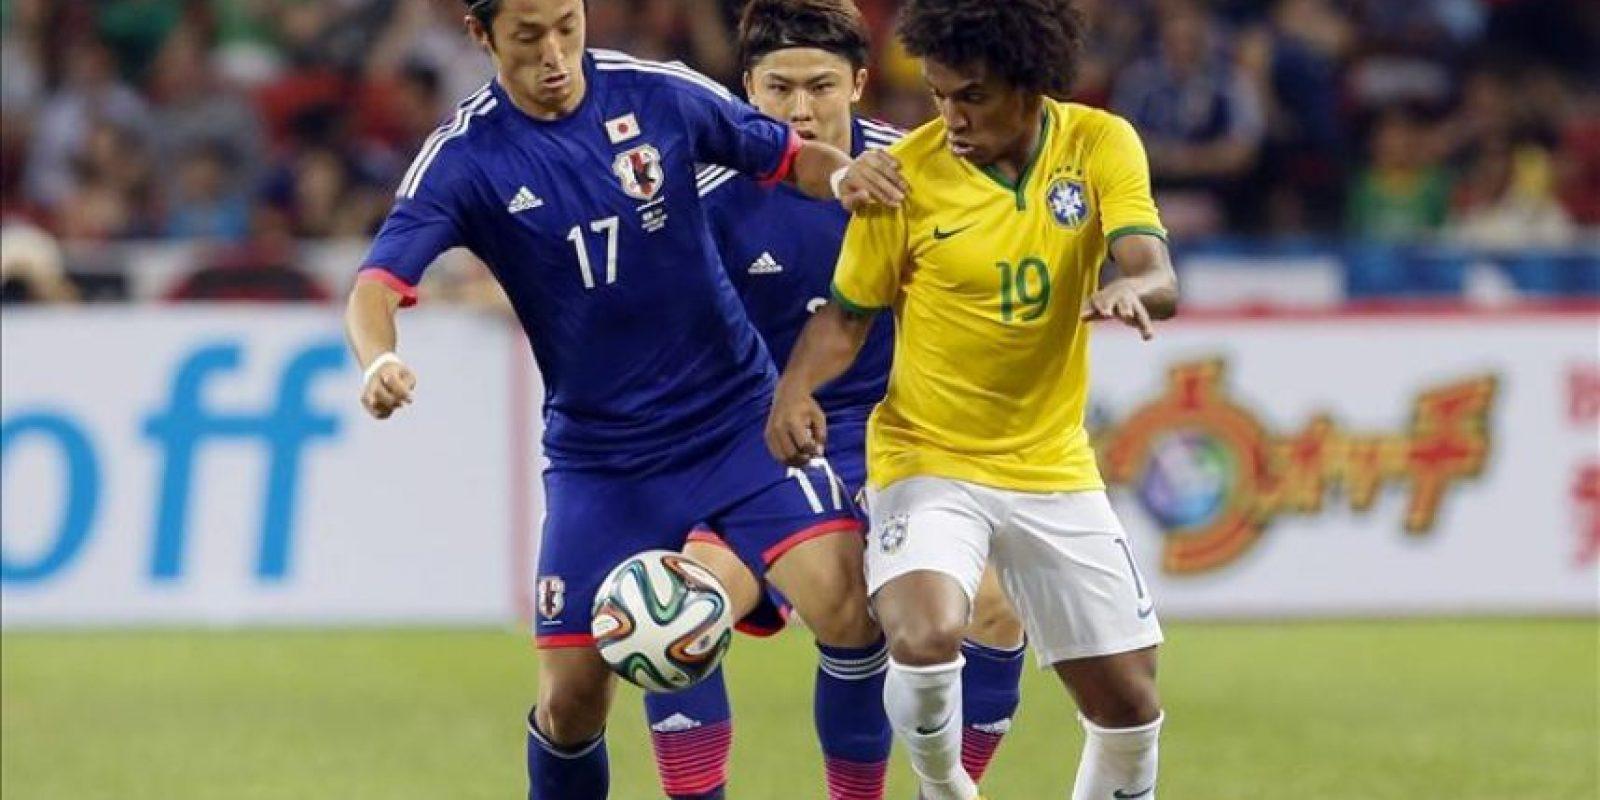 El delantero brasileño Willian (d) lucha por el balón con el japonés Ryota Morioka (i) durante el amistoso de ambas selecciones disputado en el estadio nacional de Singapur, Singapur hoy 14 de octubre de 2014. EFE